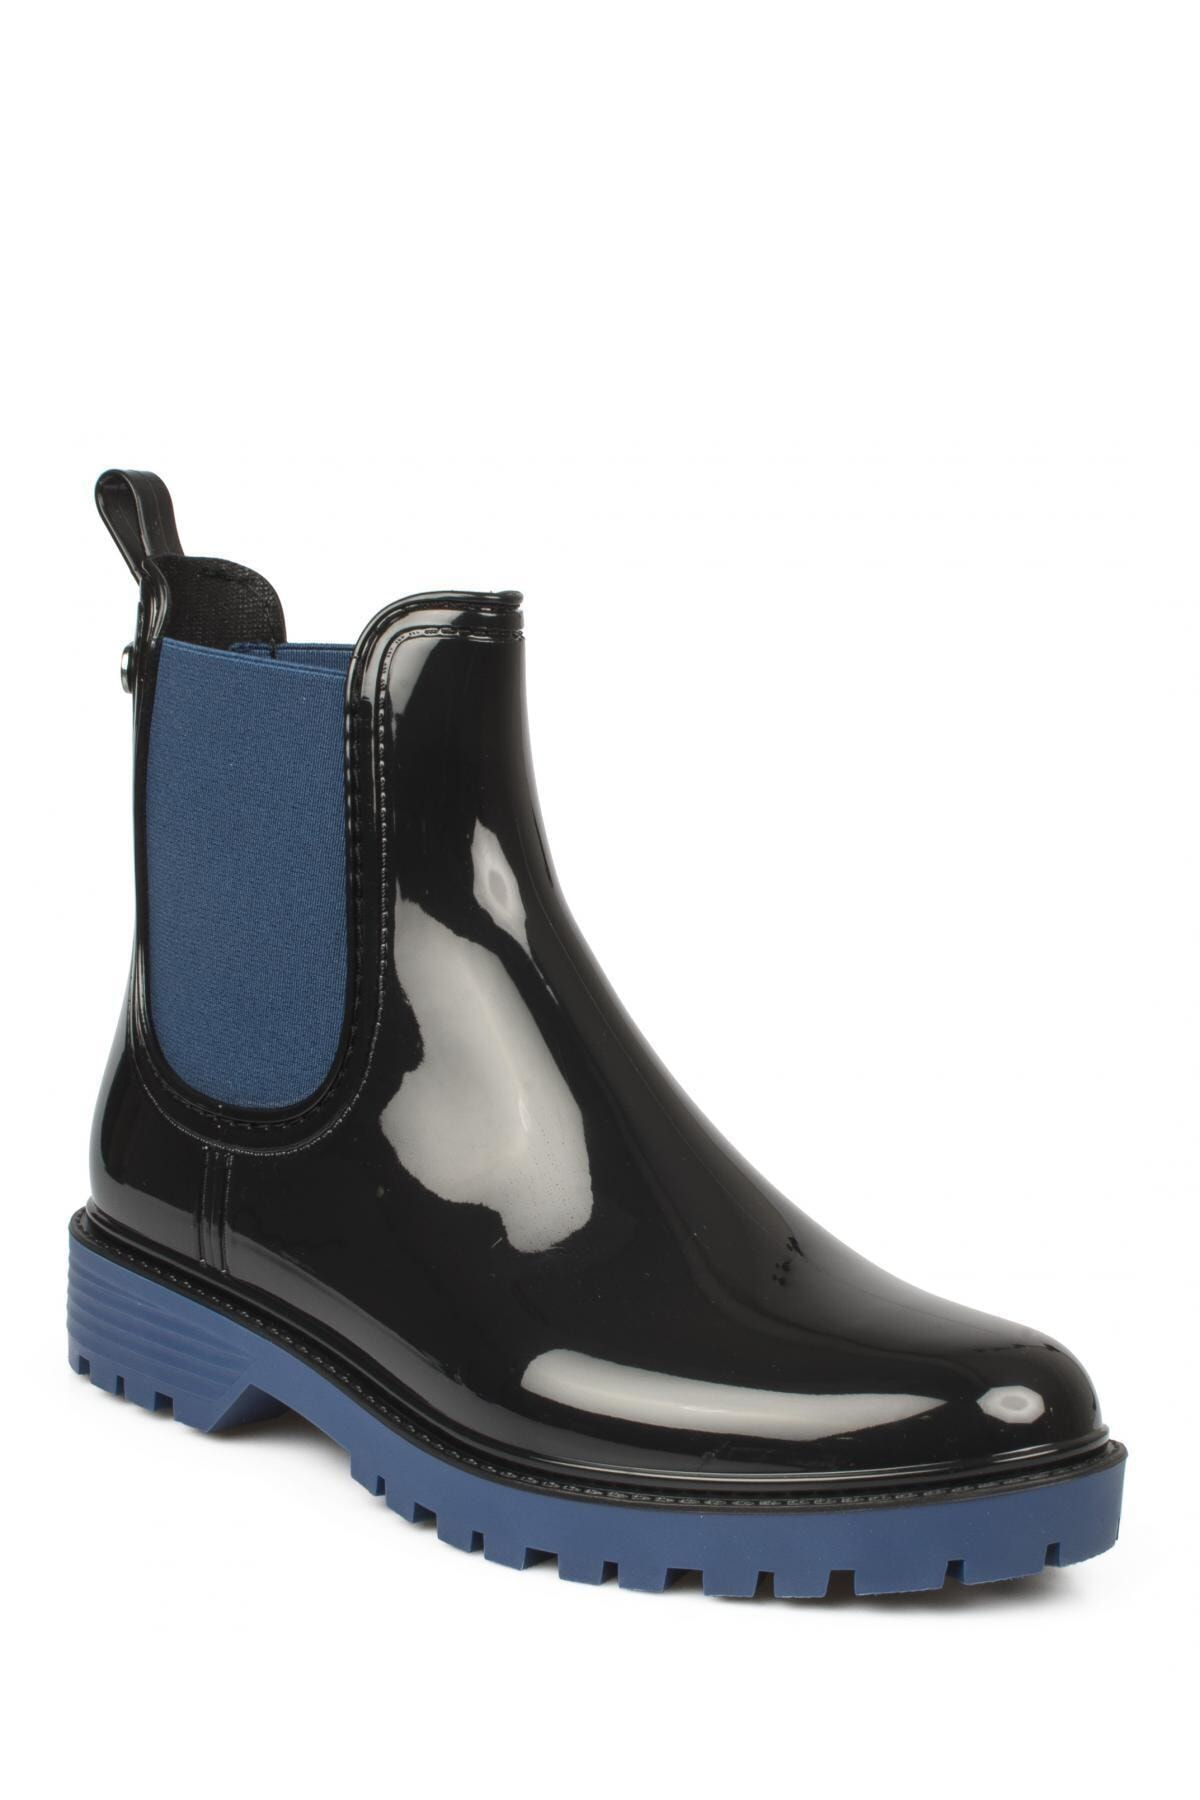 IGOR Kadın Siyah Mavi Ayakkabı W10226-050 1